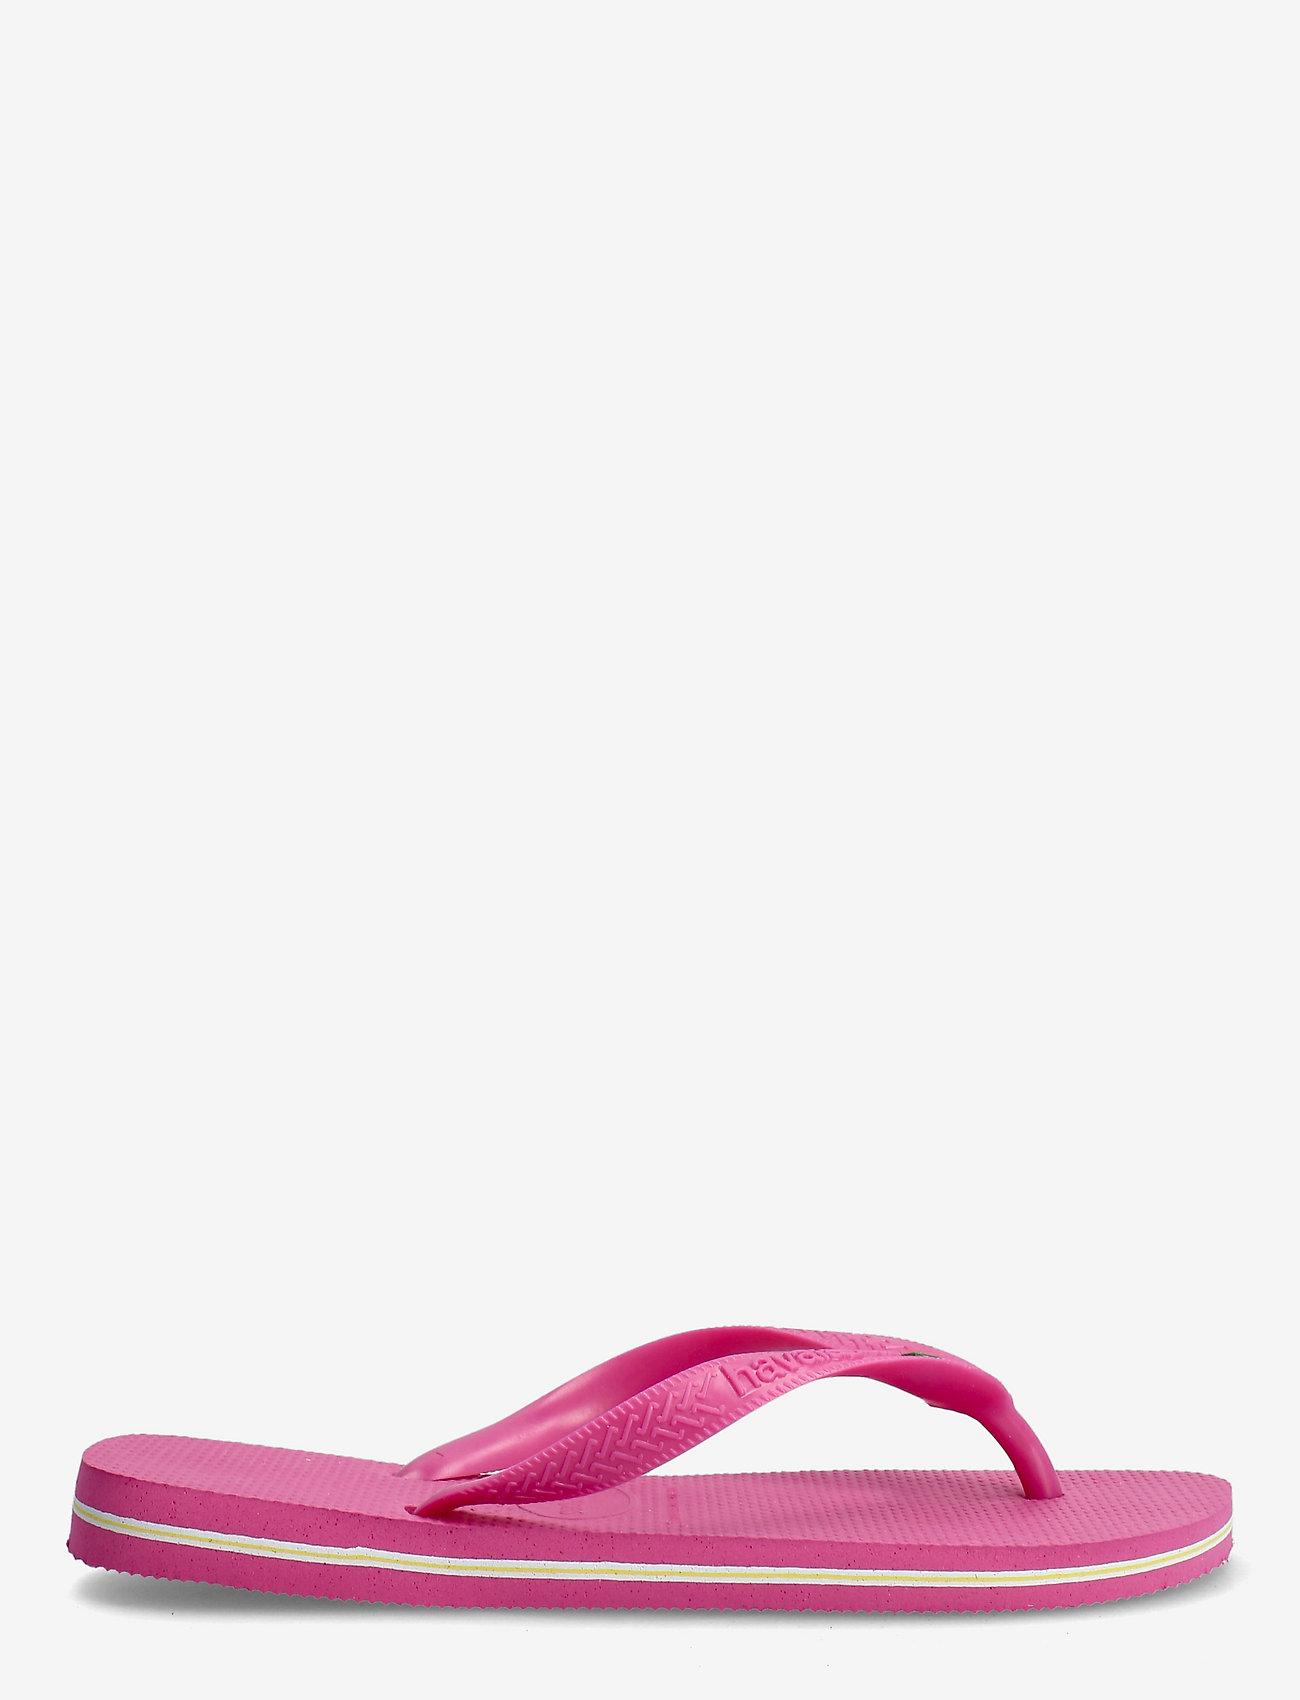 Havaianas - Brasil - teenslippers - pink flux 5784 - 1